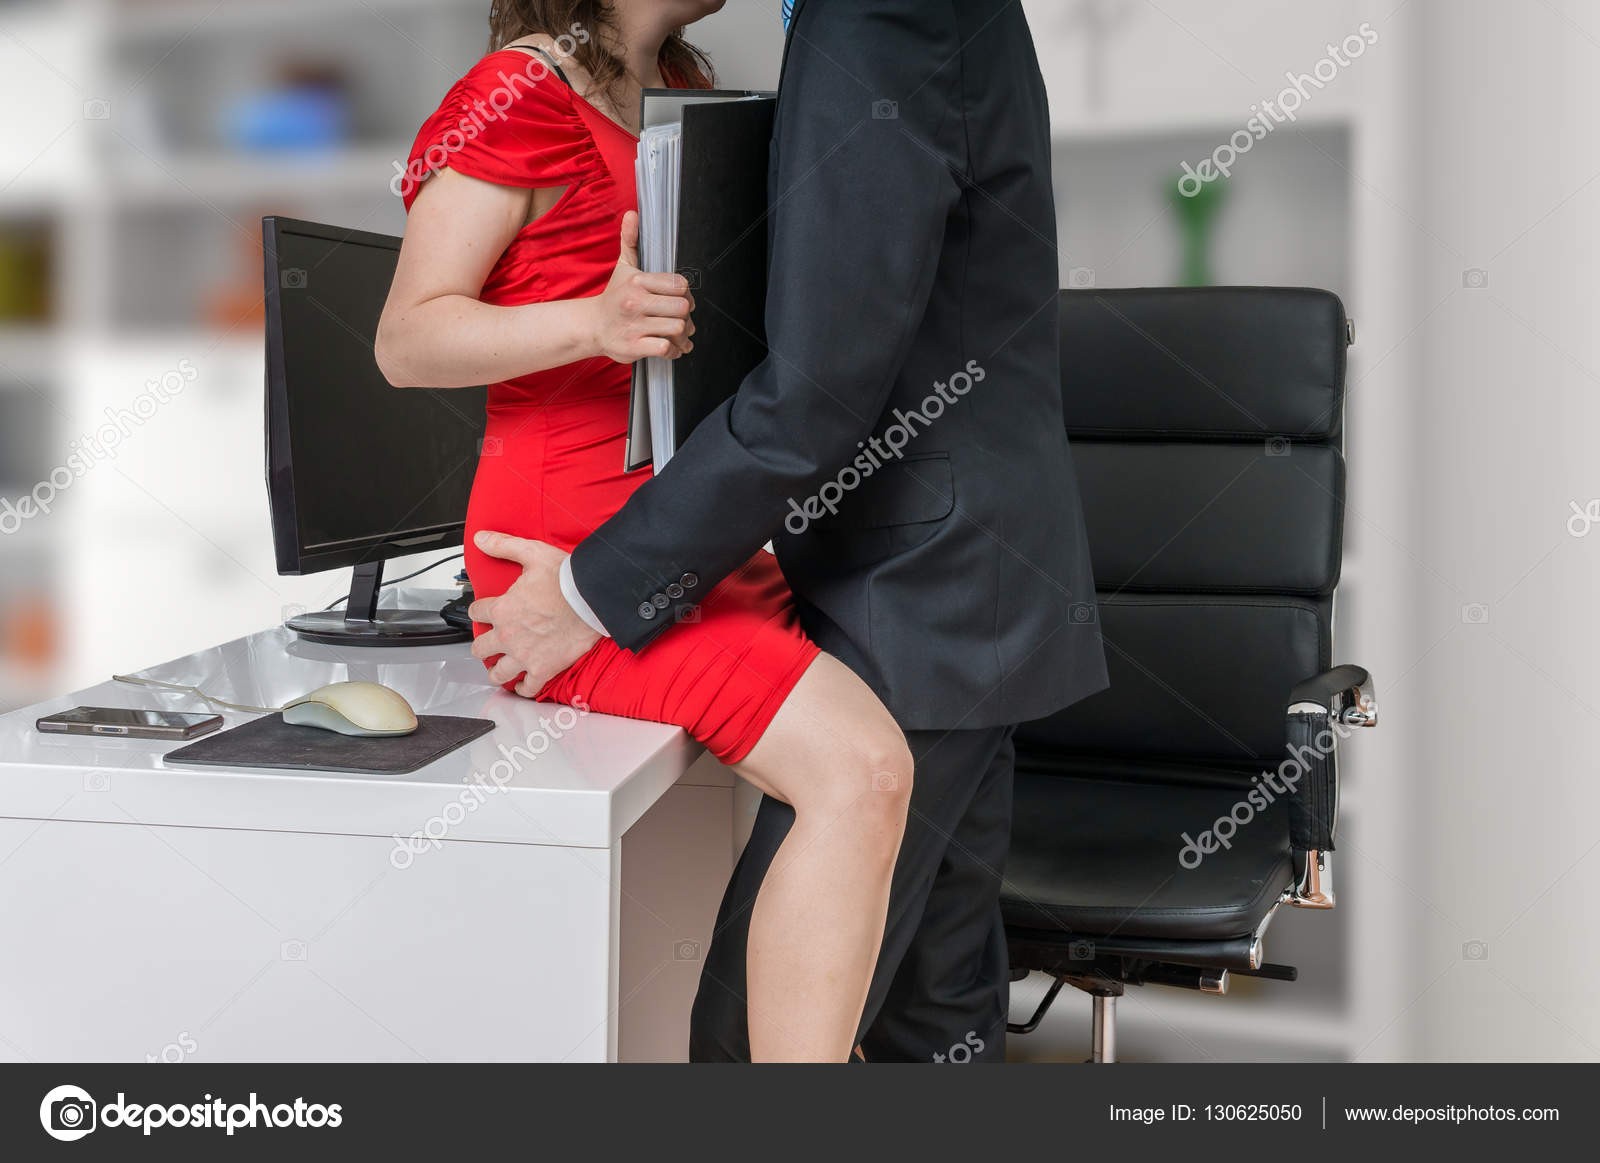 Трахнул мачеху за плохую работу, Порно Мачеха -видео. Смотреть порно онлайн! 25 фотография